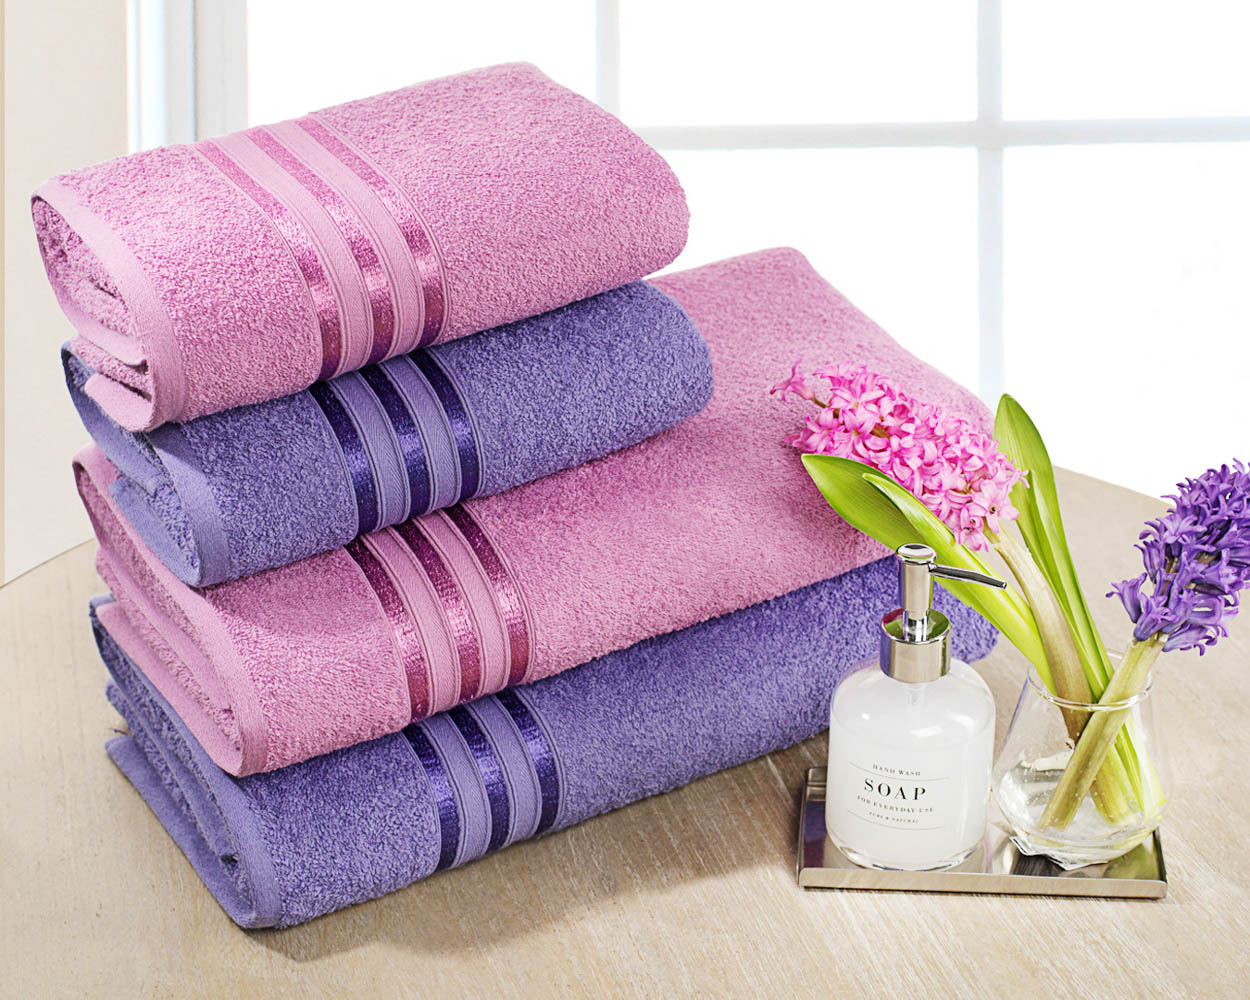 Полотенца Dome Набор из 4 полотенец Harmonika Цвет: Лиловый/Сиреневый полотенца кухонные la pastel набор полотенец 4 предмета из микрофибры 30х30